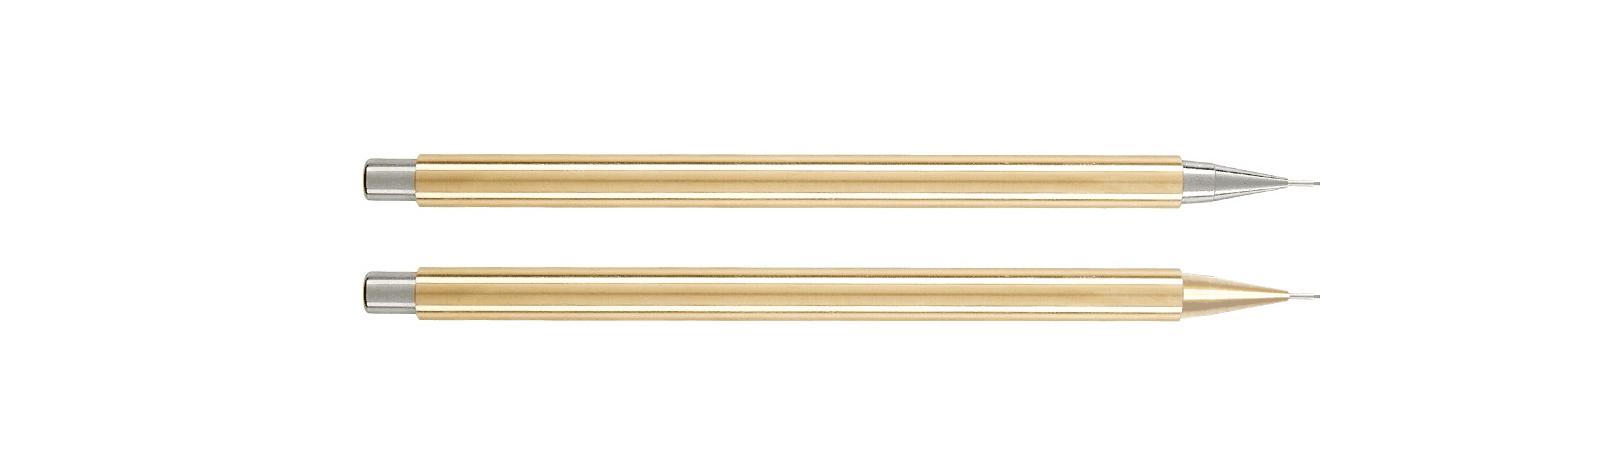 Hemingway Brass Mechanical Pencils